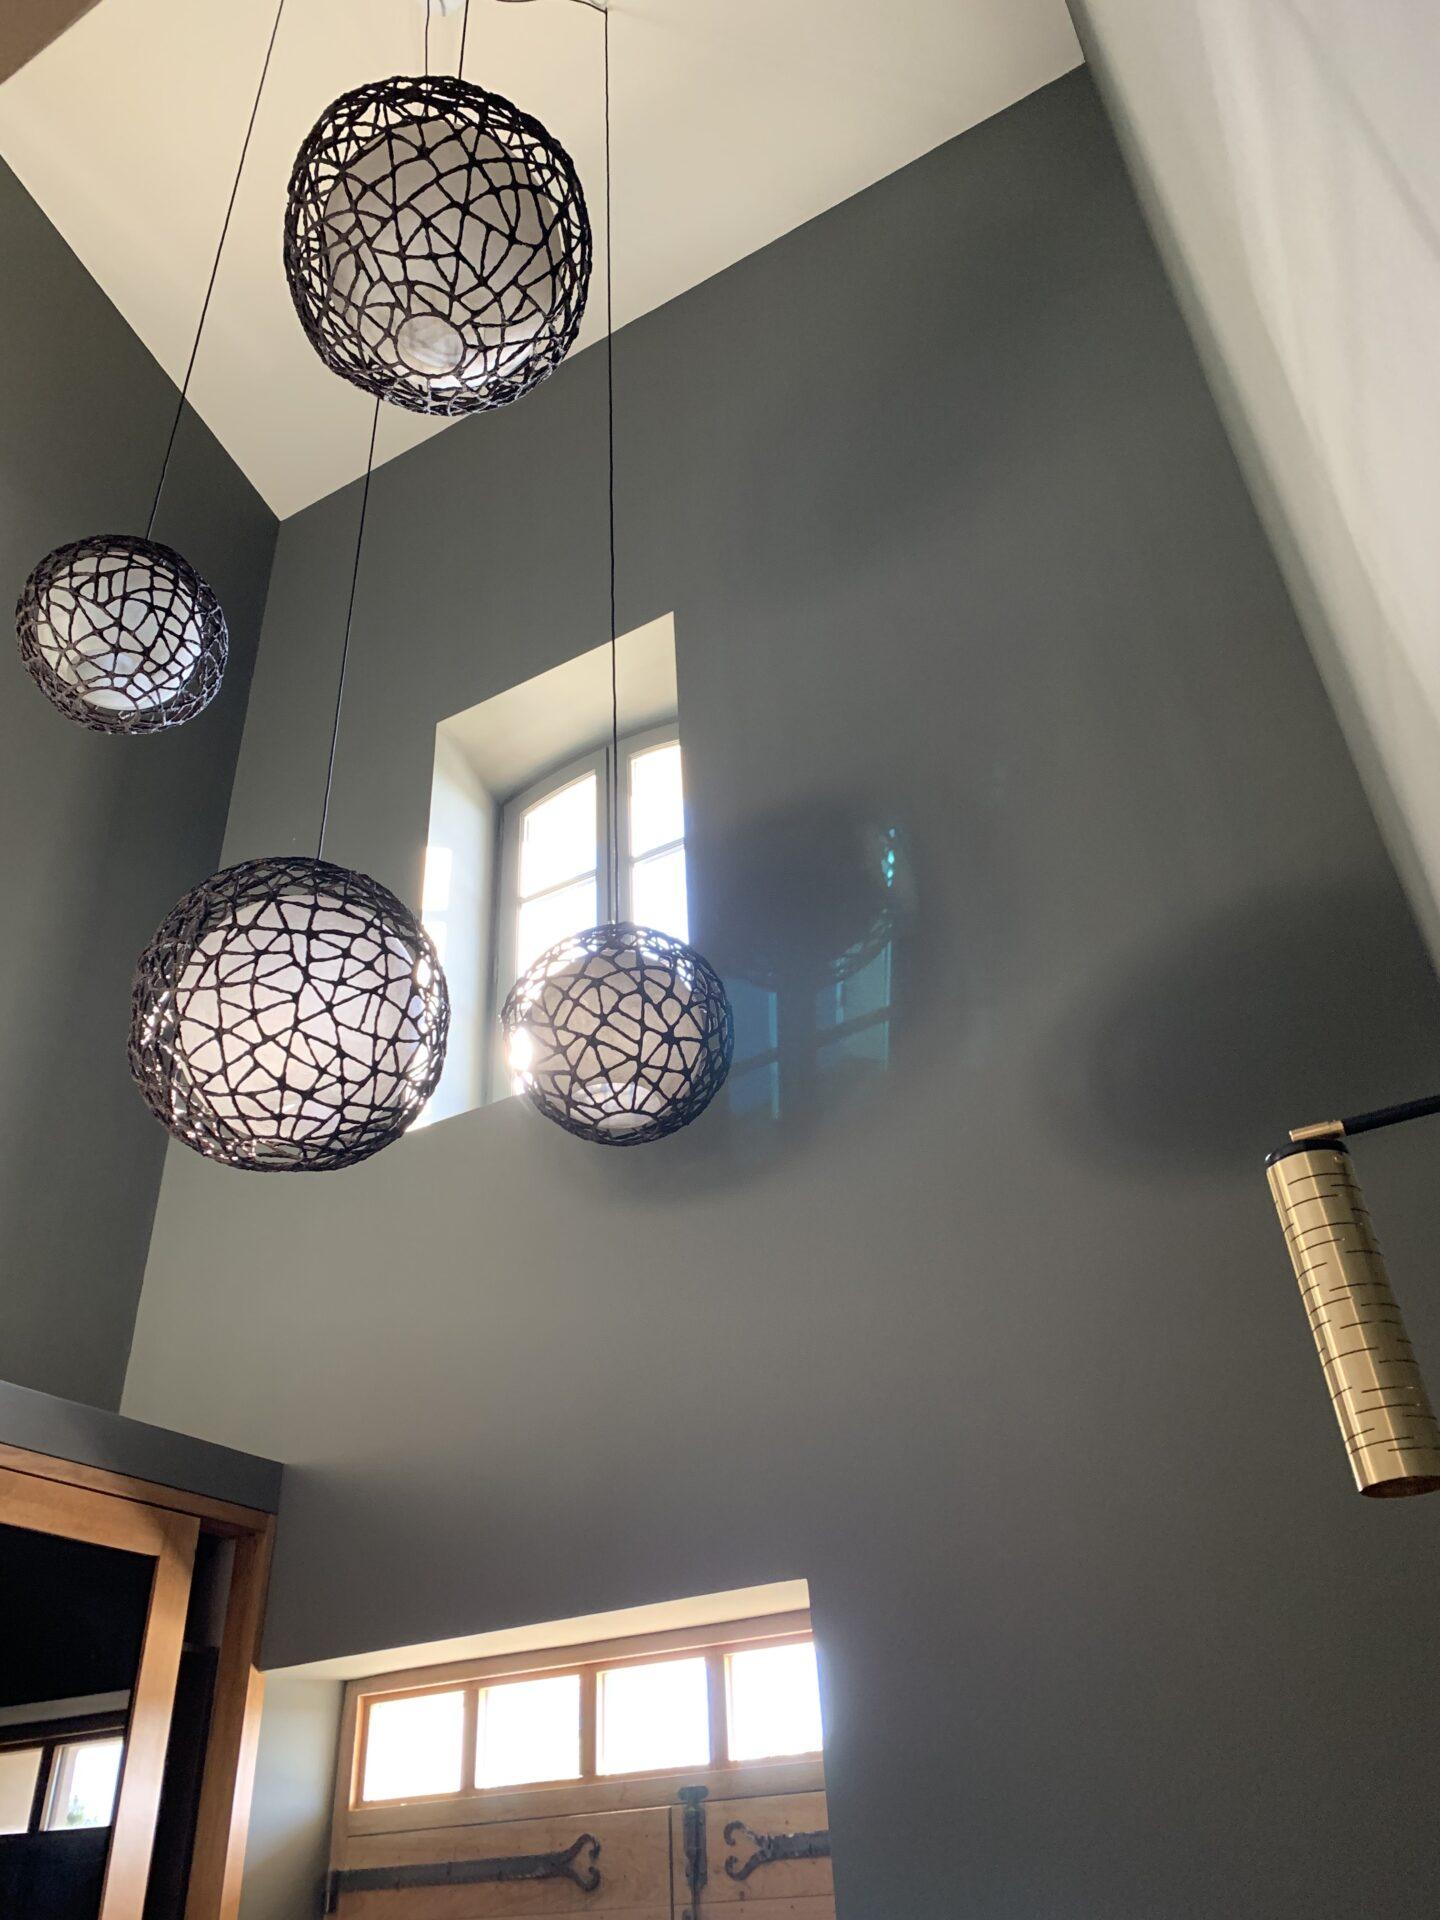 Décoration et agencement bastide à Pernes les Fontaine.- Entrée avec suspensions grande hauteur plafond ., Par Myll décors , Agence de décoration à Aix en Provence et dans le Var